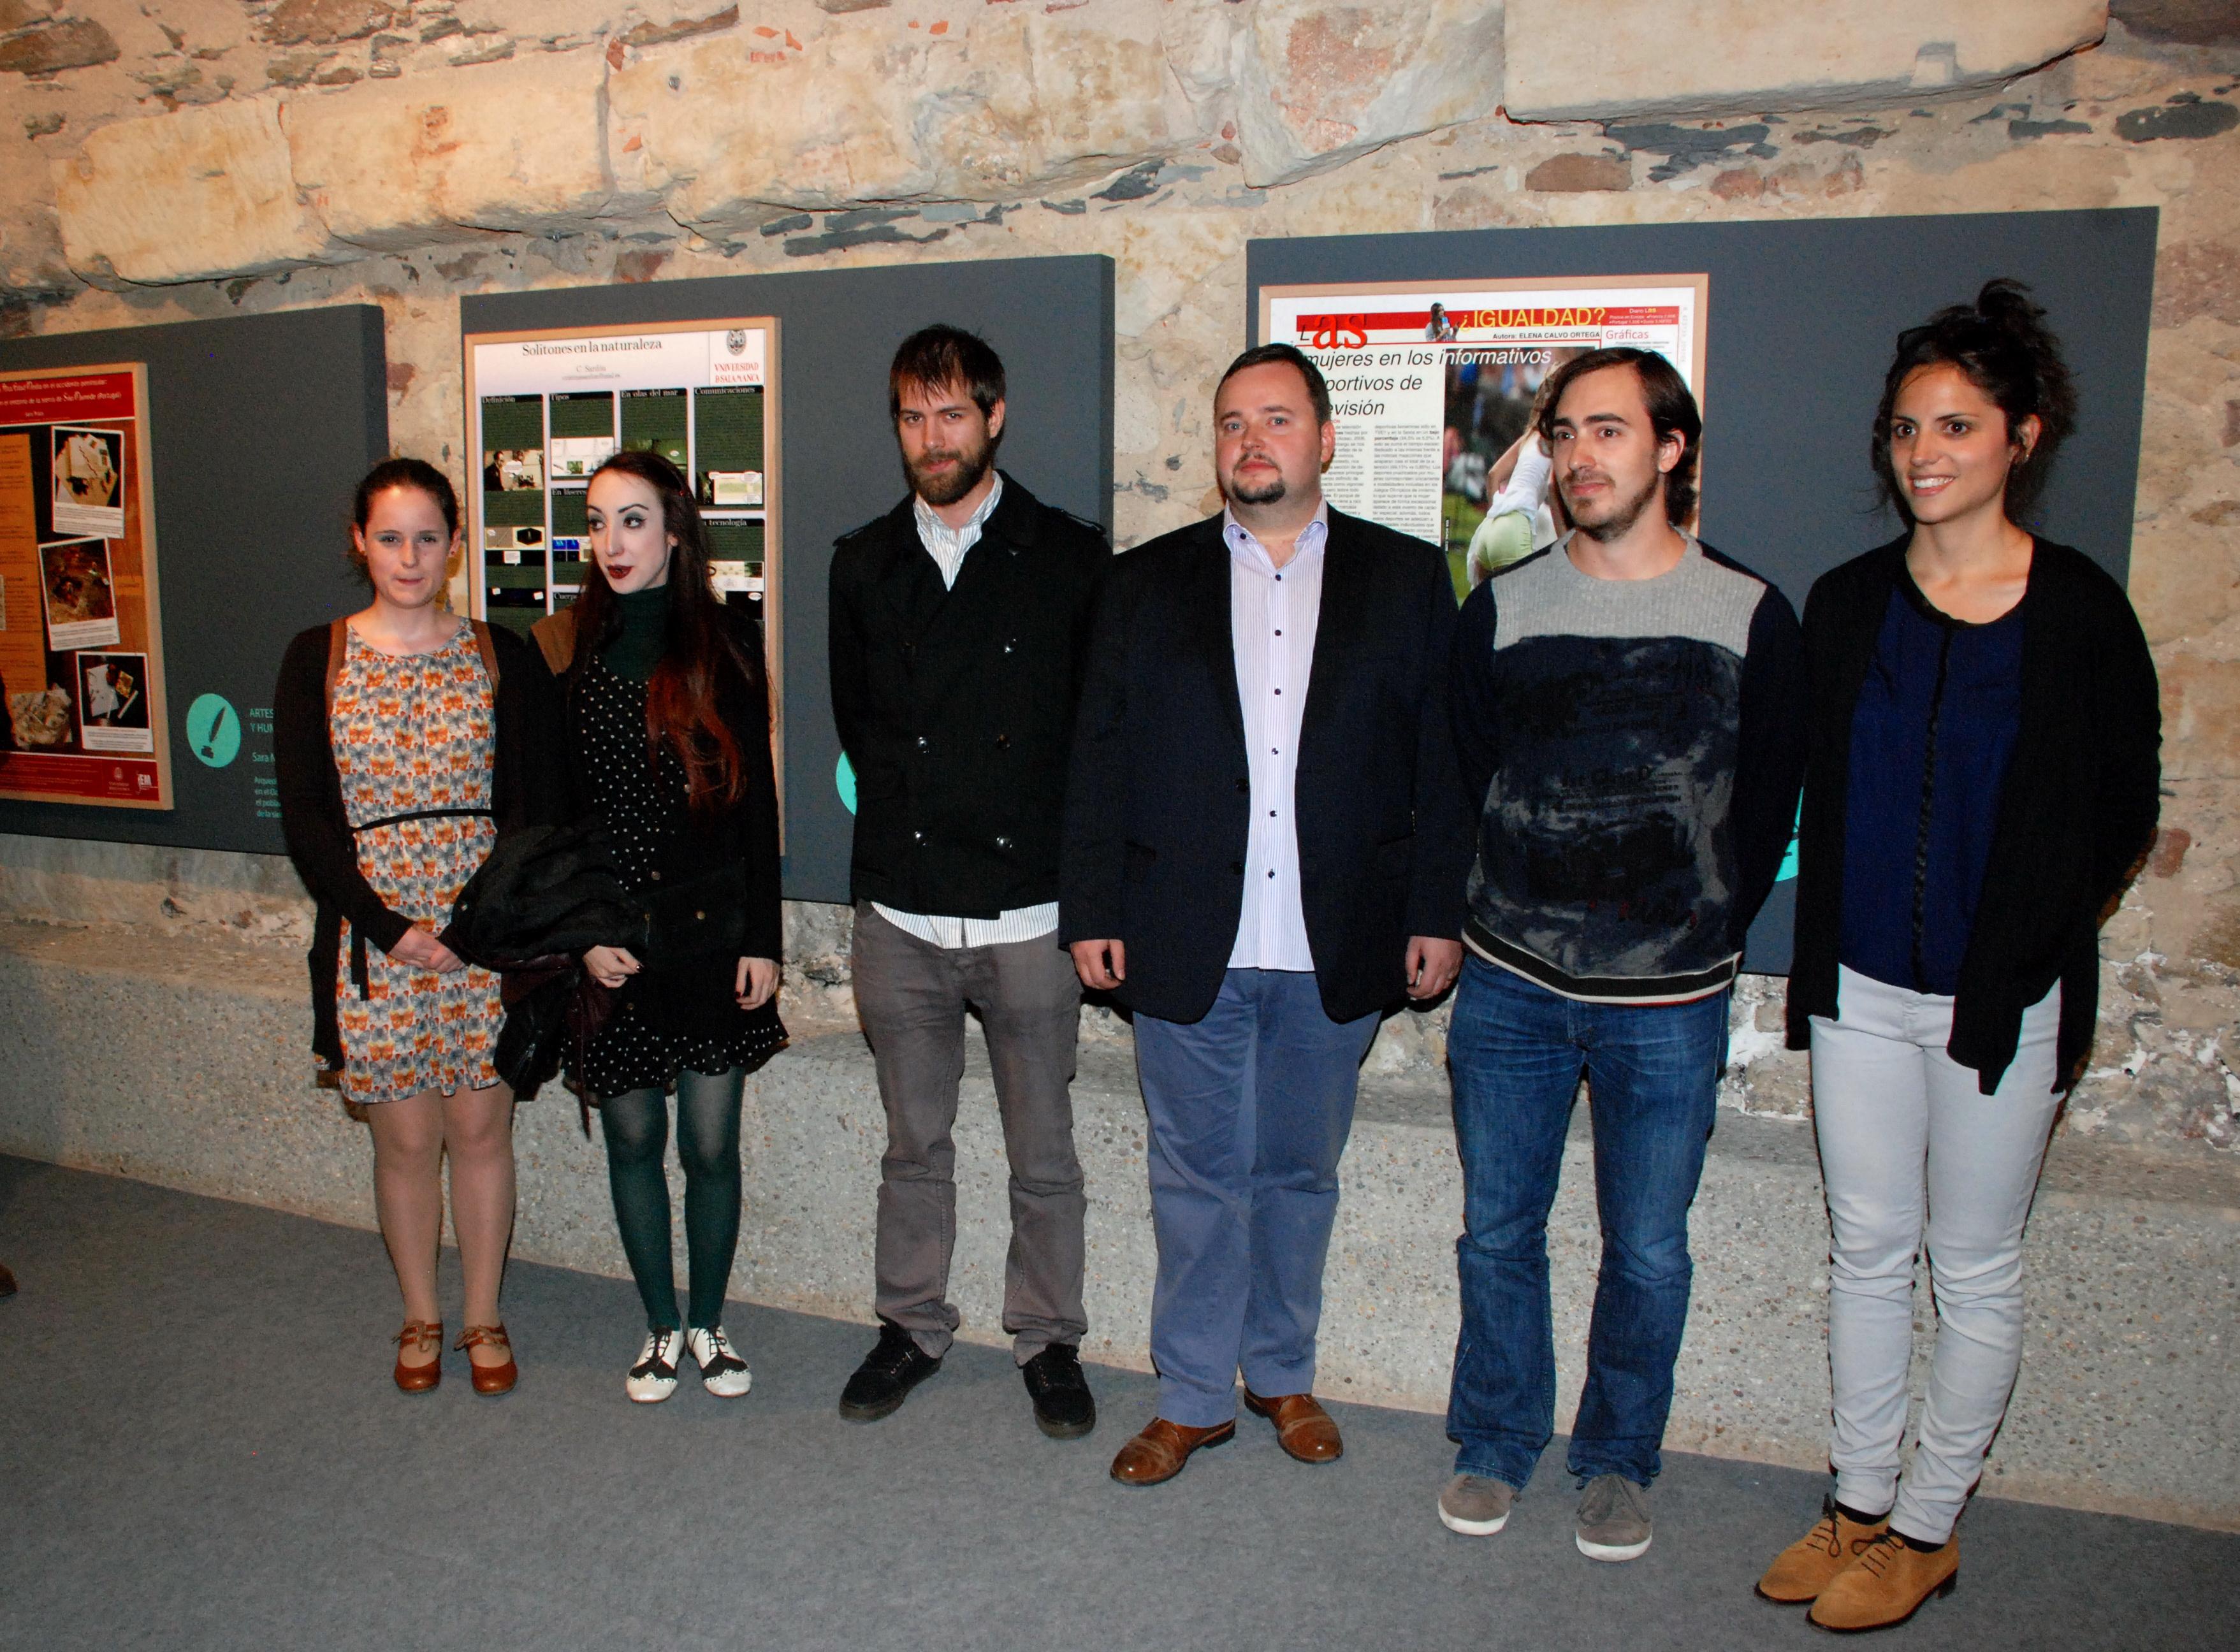 El Servicio de Actividades Culturales presenta la exposición formada por las obras seleccionadas en el 'III Certamen de Divulgación científica'